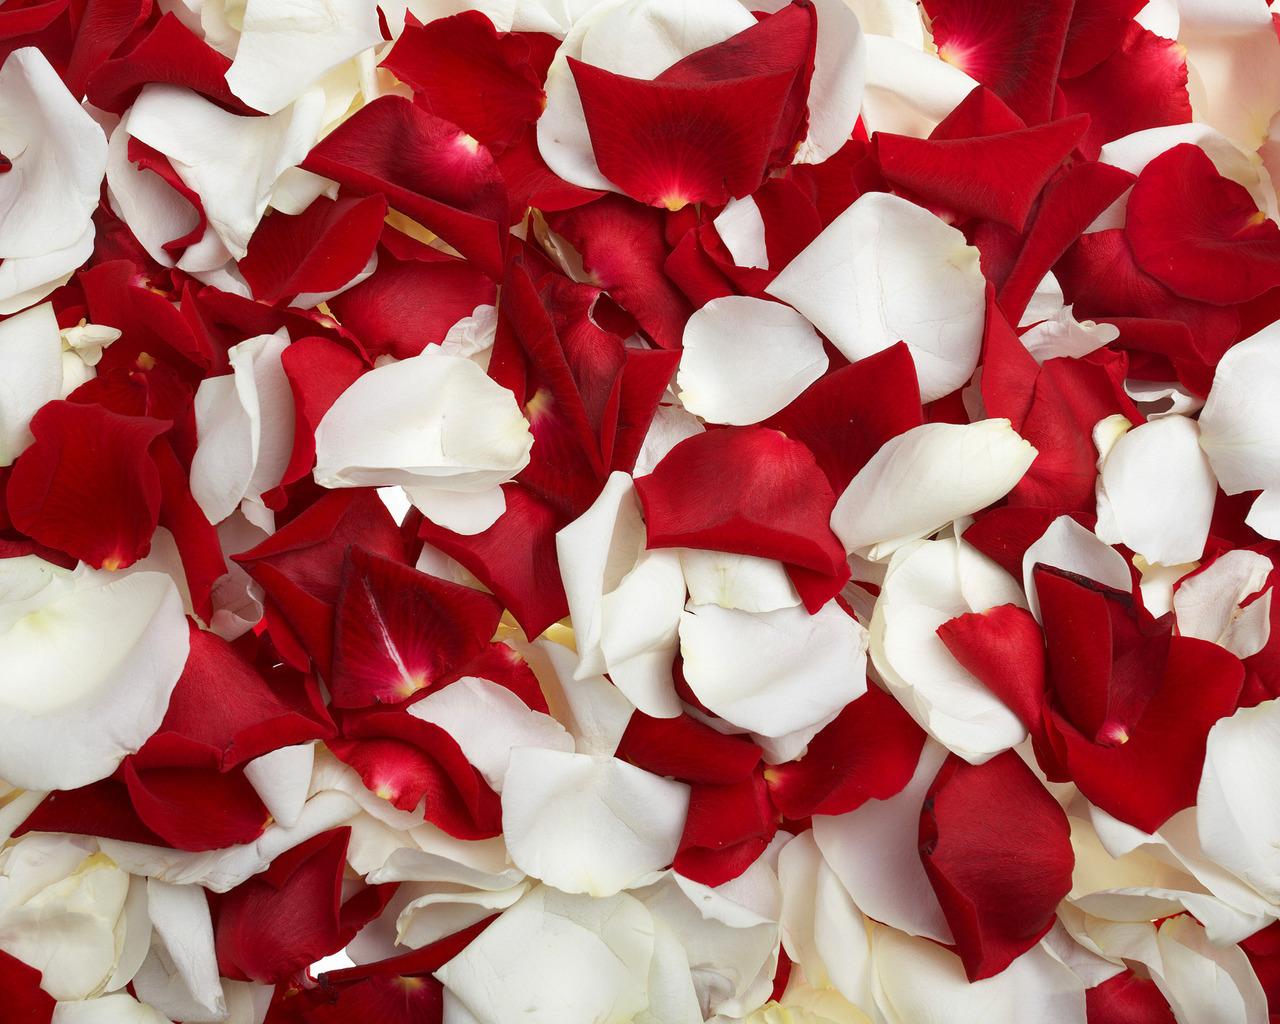 13305 скачать обои Растения, Фон, Розы - заставки и картинки бесплатно